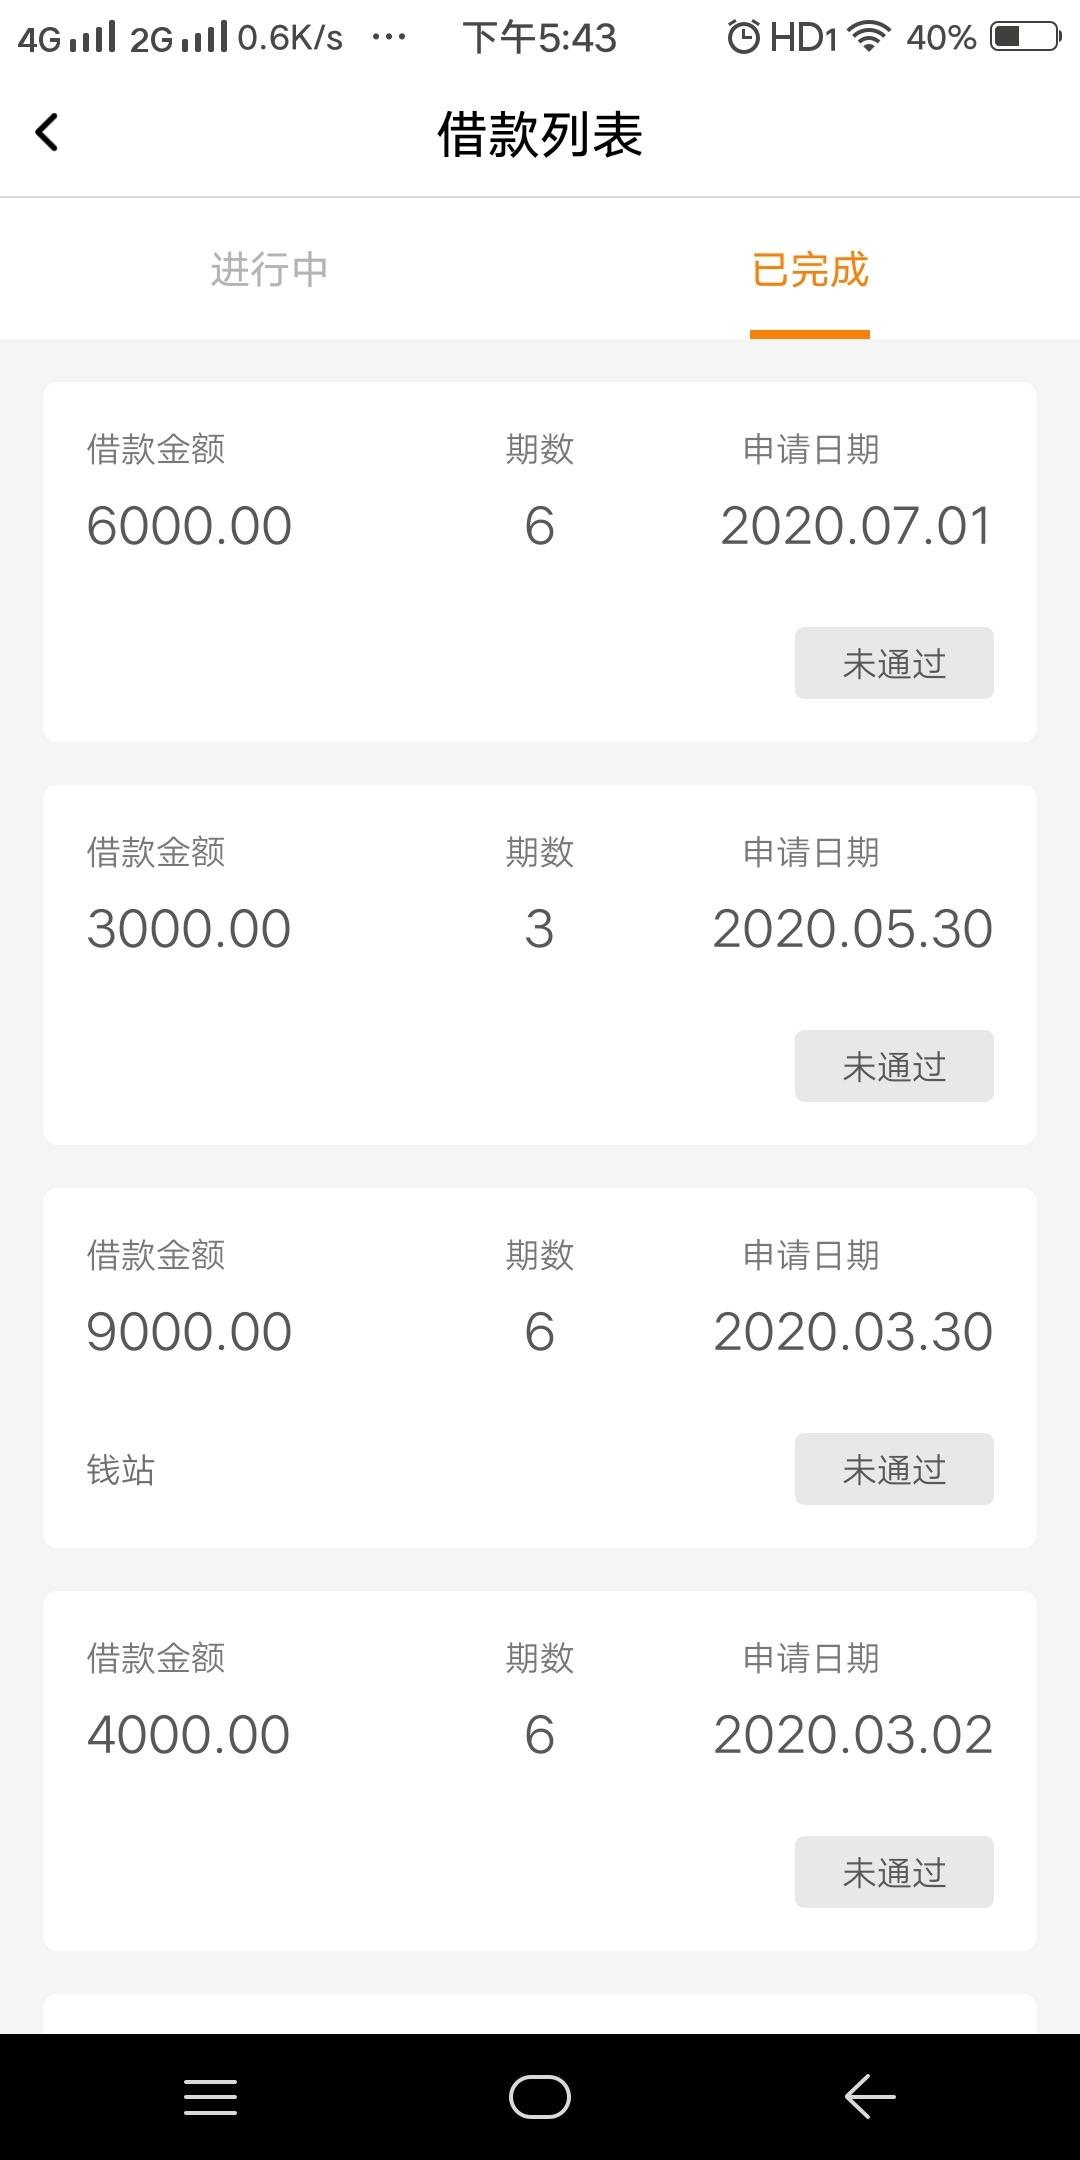 钱站里任意花天选,5分钟到账     钱站里的任意花和任意花App的额度是独立的,任意花a73 / 作者:ppt22111 /